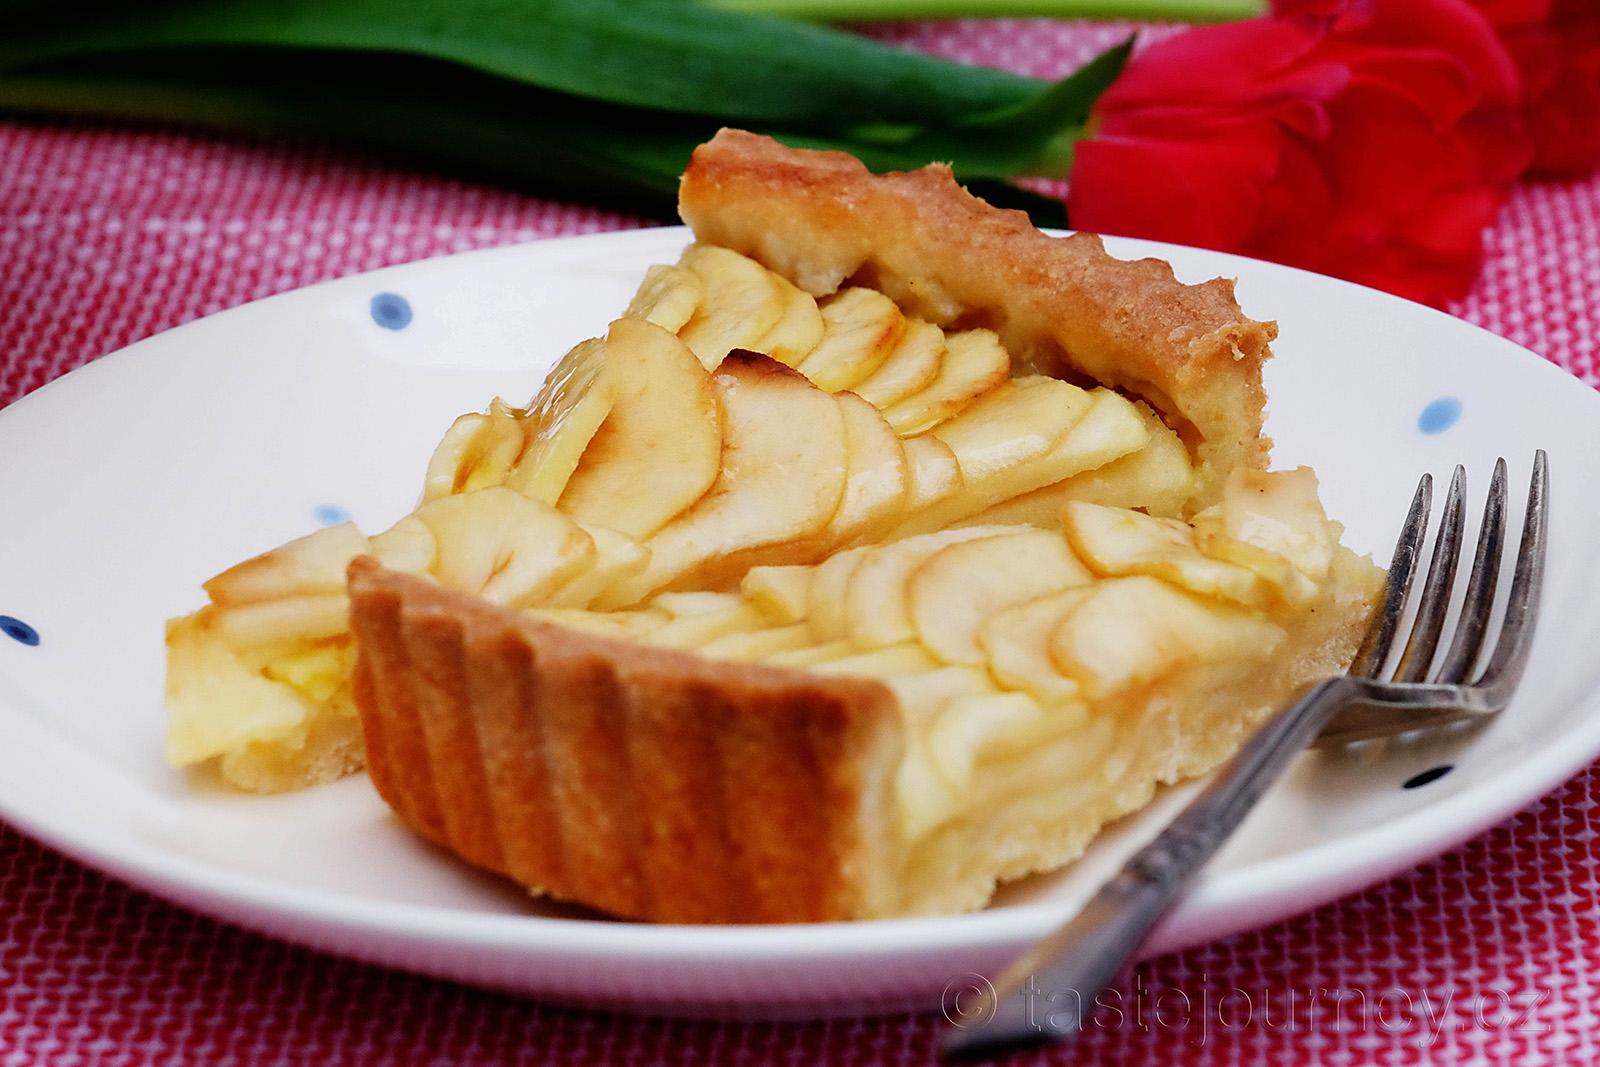 Pochutnejte si na francouzském jablečném koláči